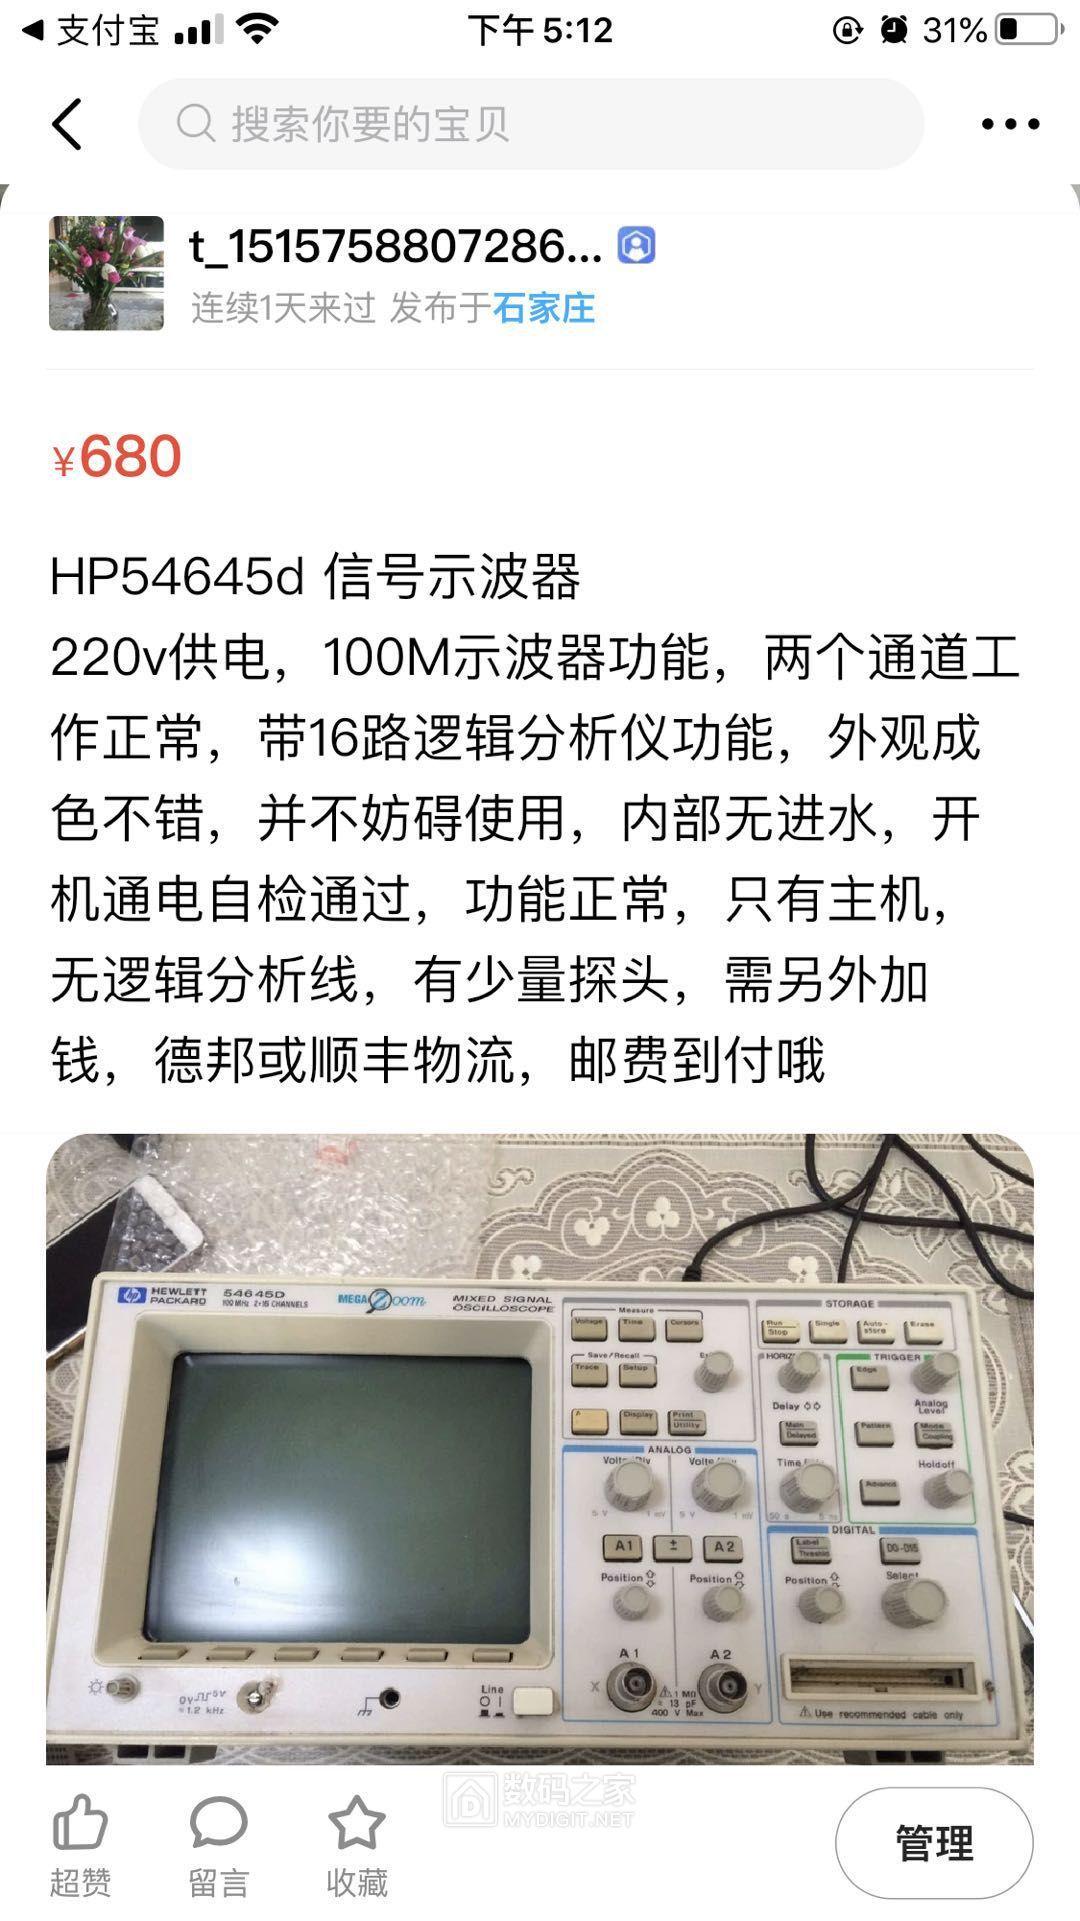 微信图片_20200401172046.jpg